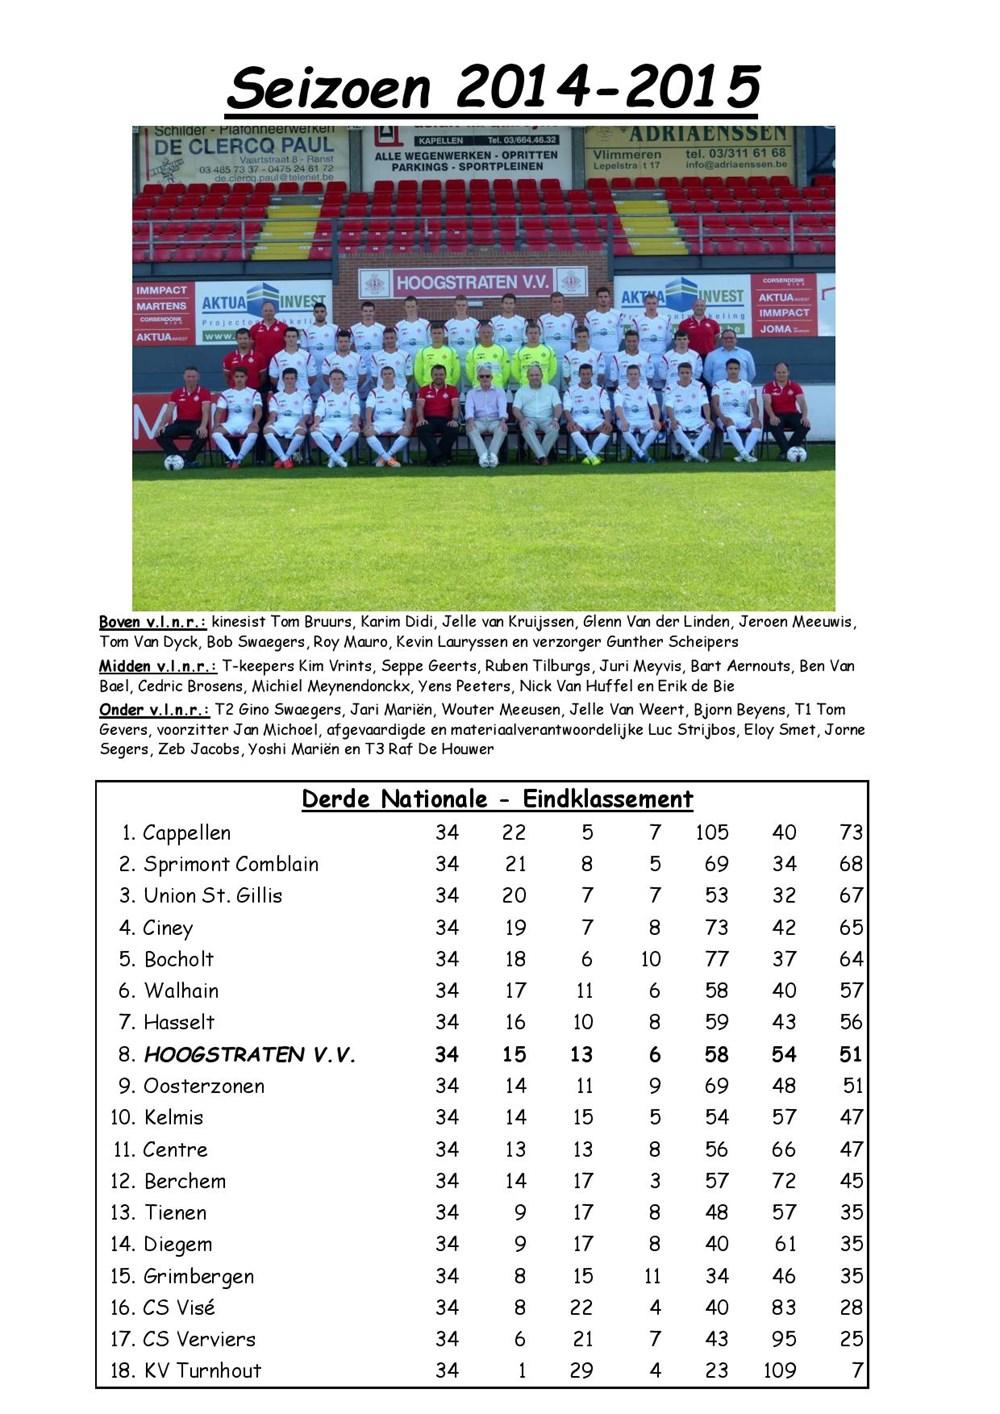 seizoen_2014-2015-page-001.jpg